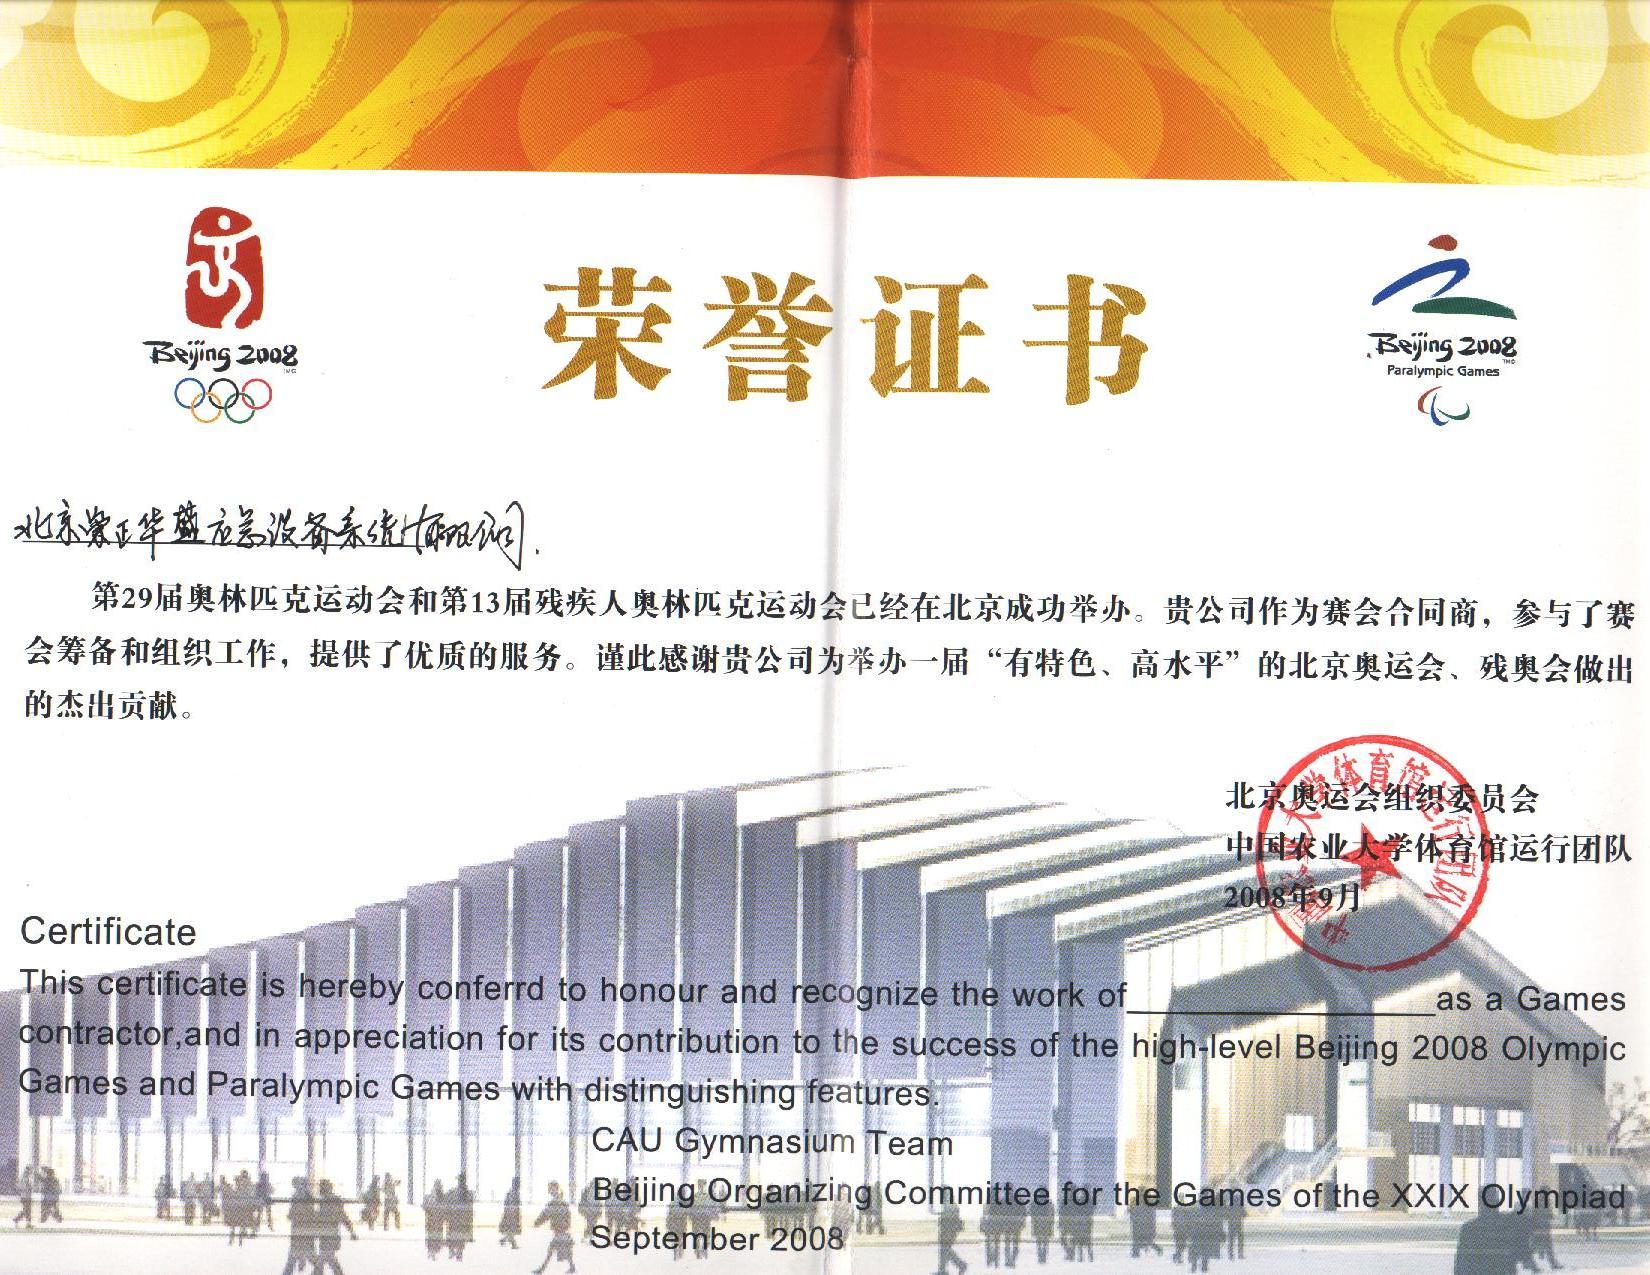 图片10北京奥运会组织委员会授予杰出贡献.png